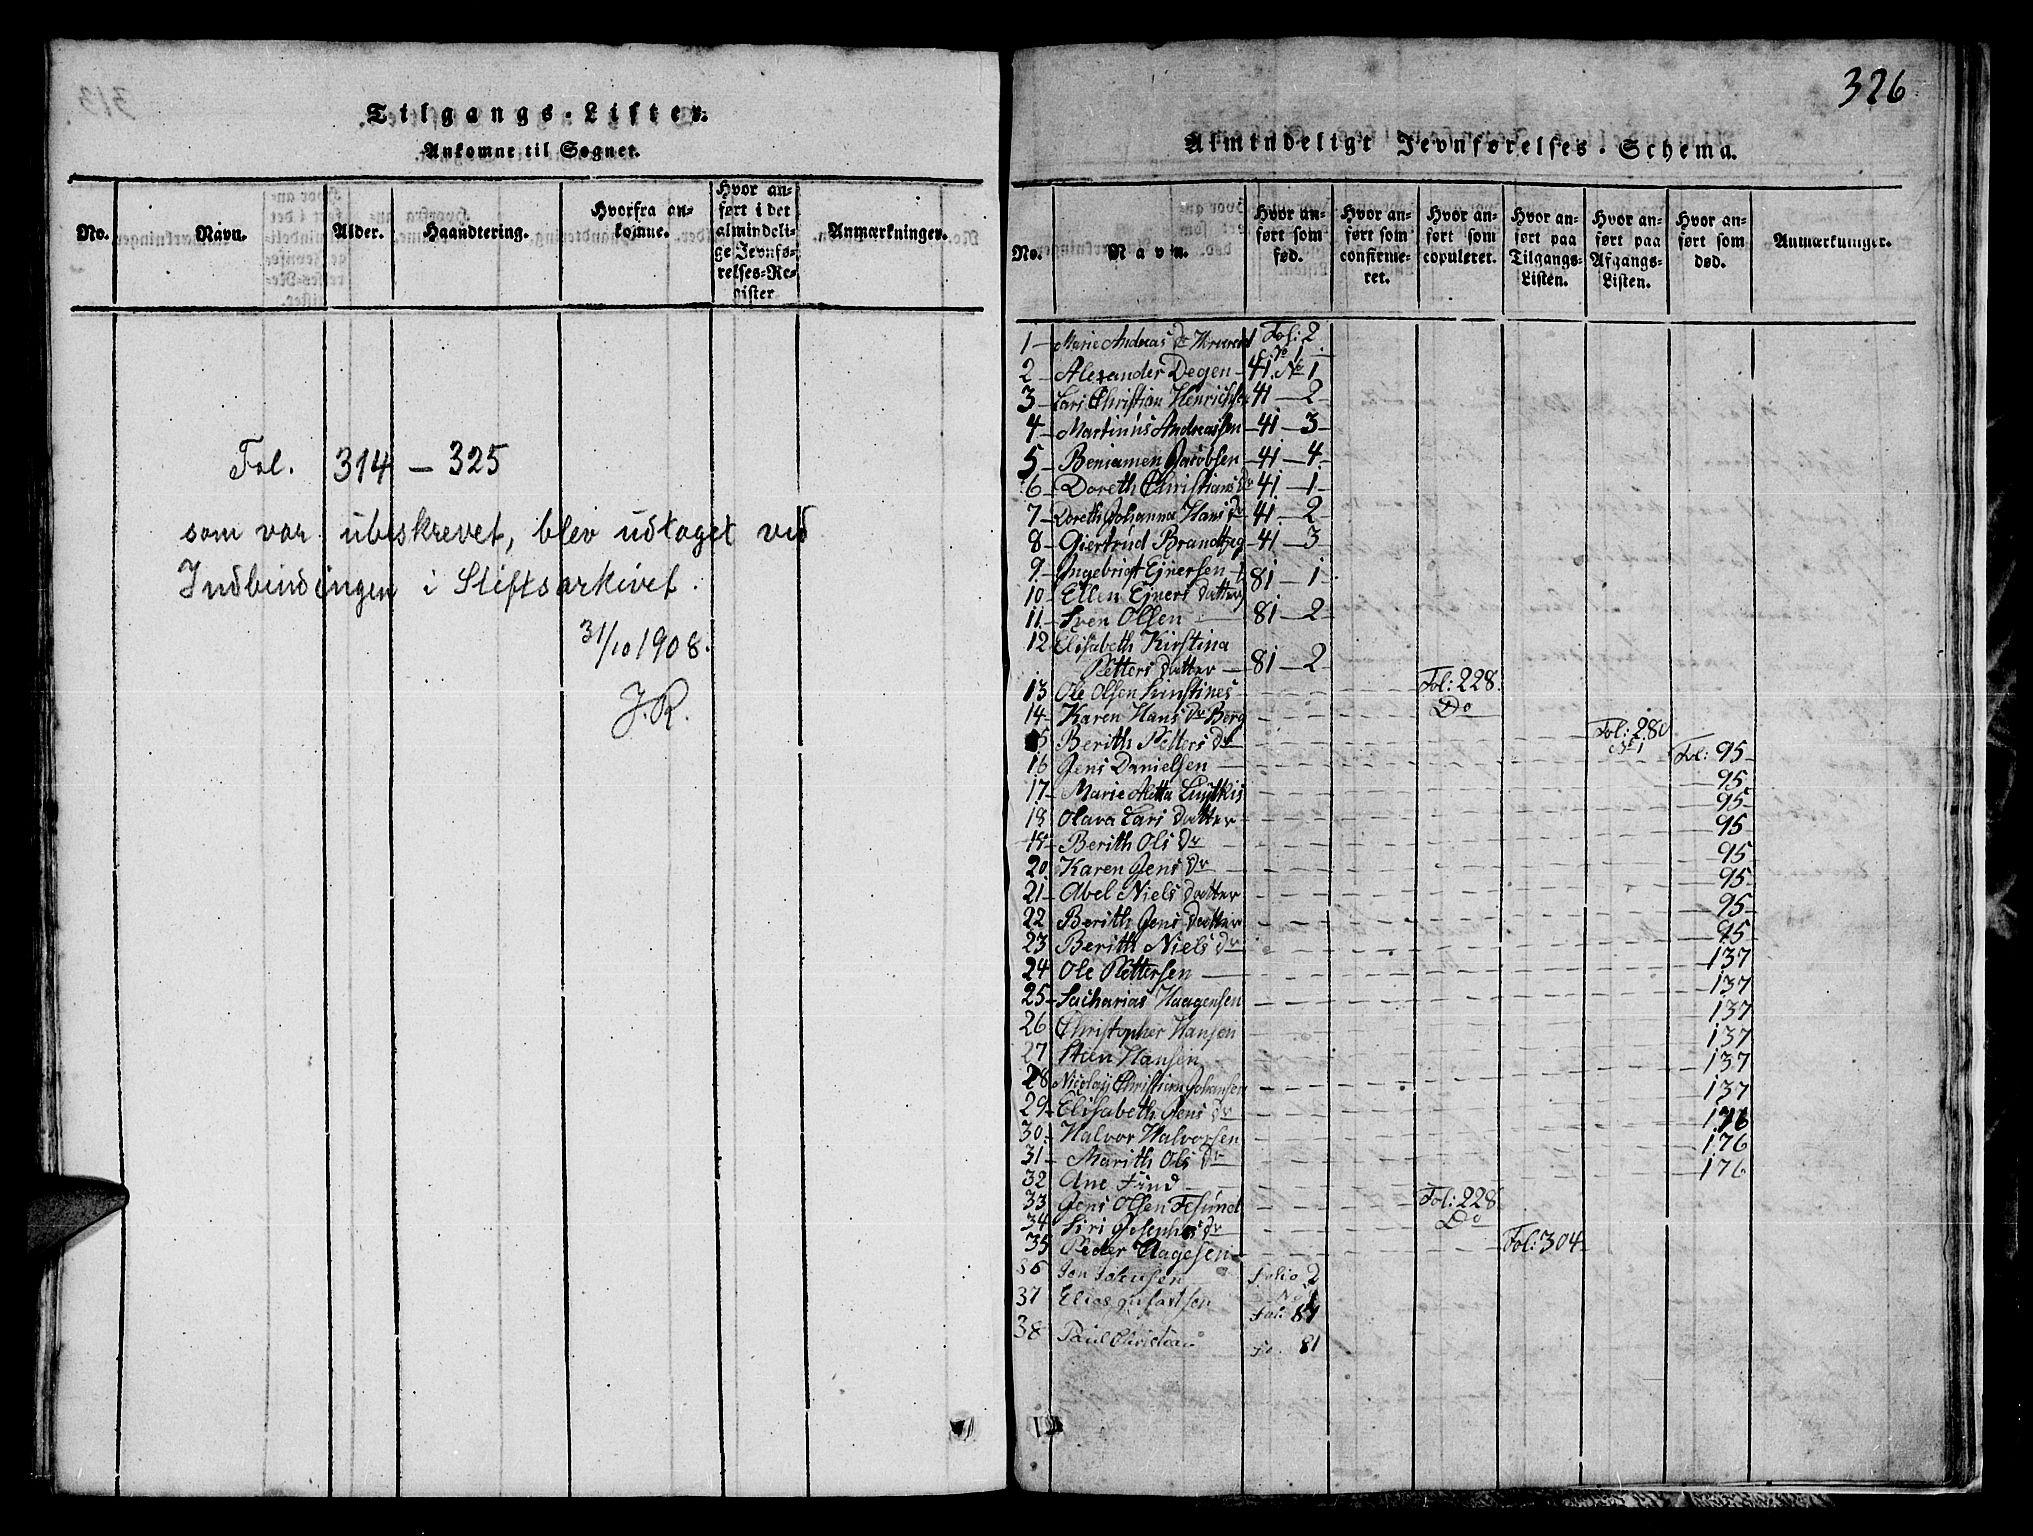 SAT, Ministerialprotokoller, klokkerbøker og fødselsregistre - Nord-Trøndelag, 780/L0648: Klokkerbok nr. 780C01 /1, 1815-1870, s. 326